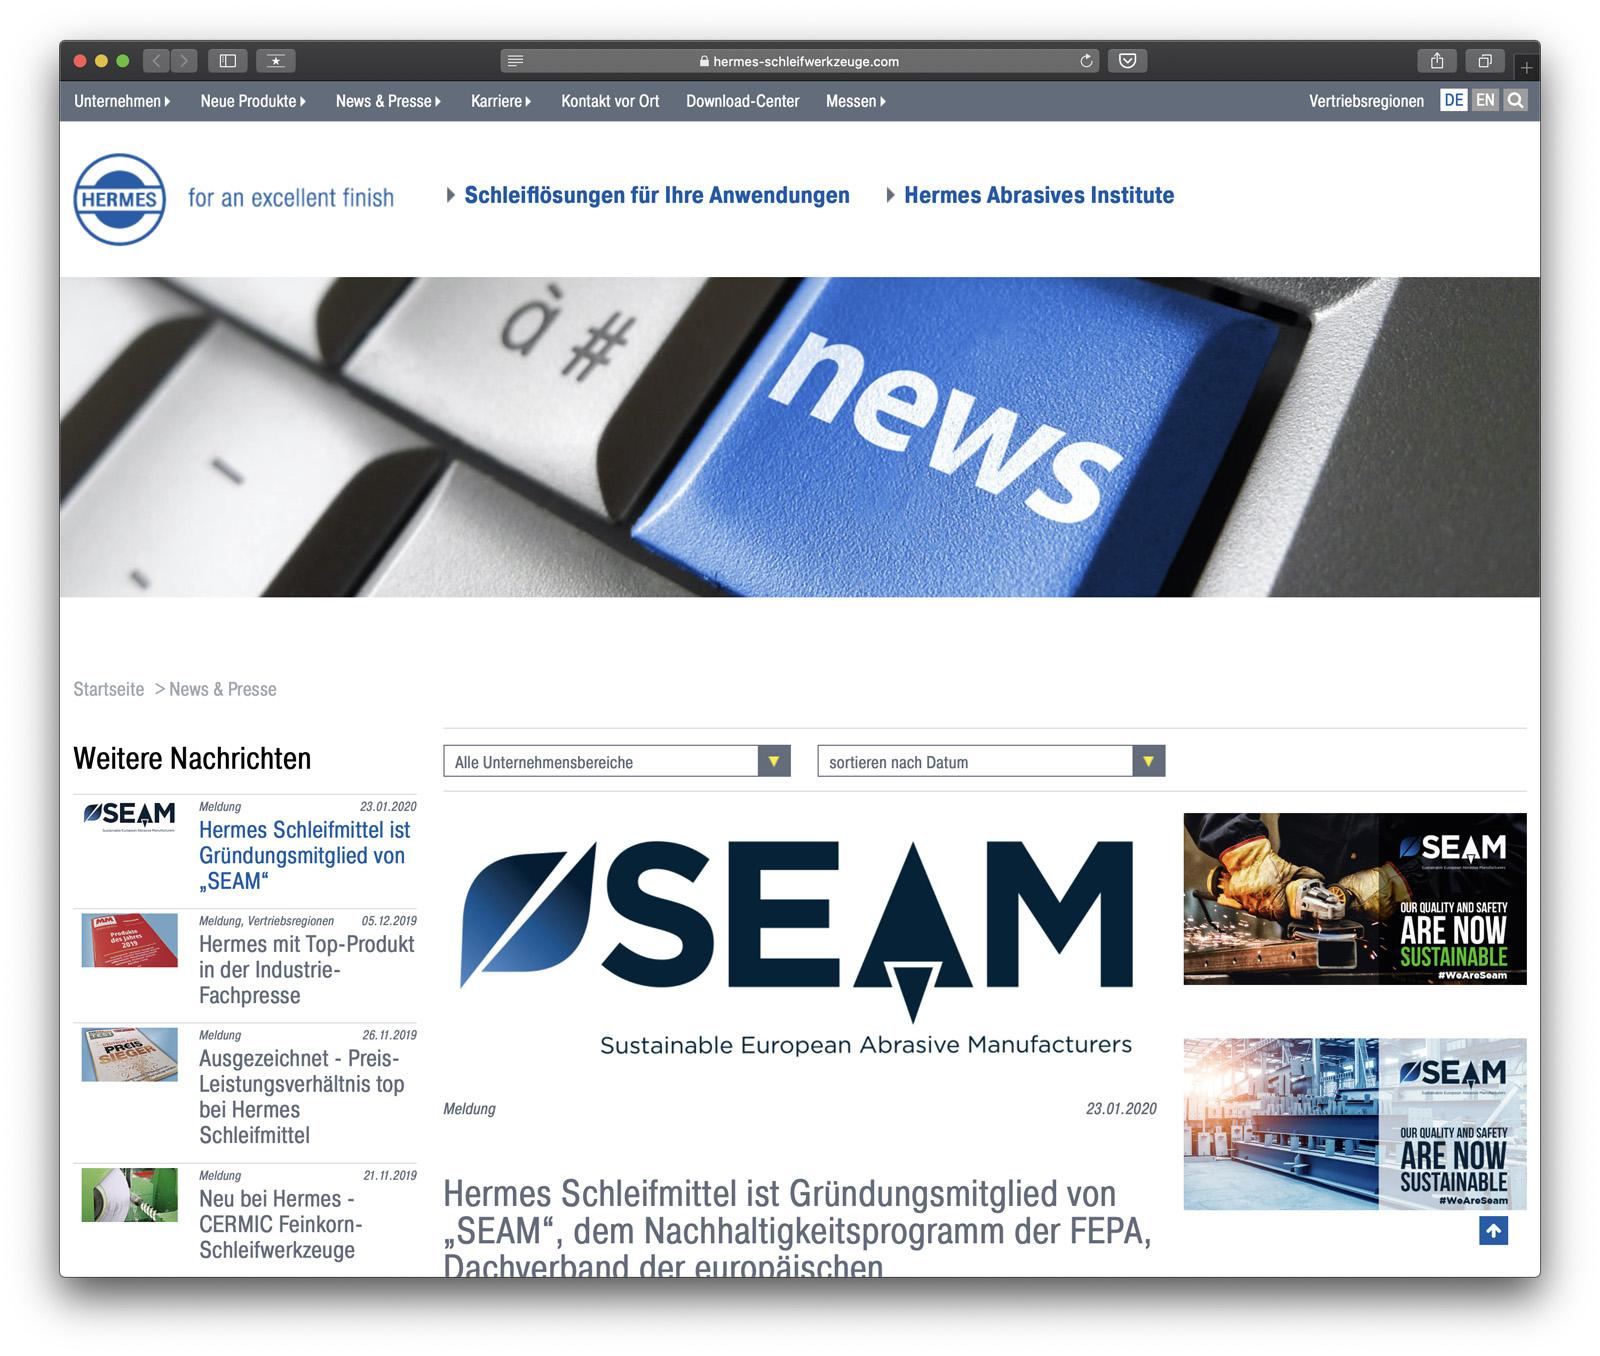 Hermes Schleifmittel ist Gründungsmitglied von SEAM